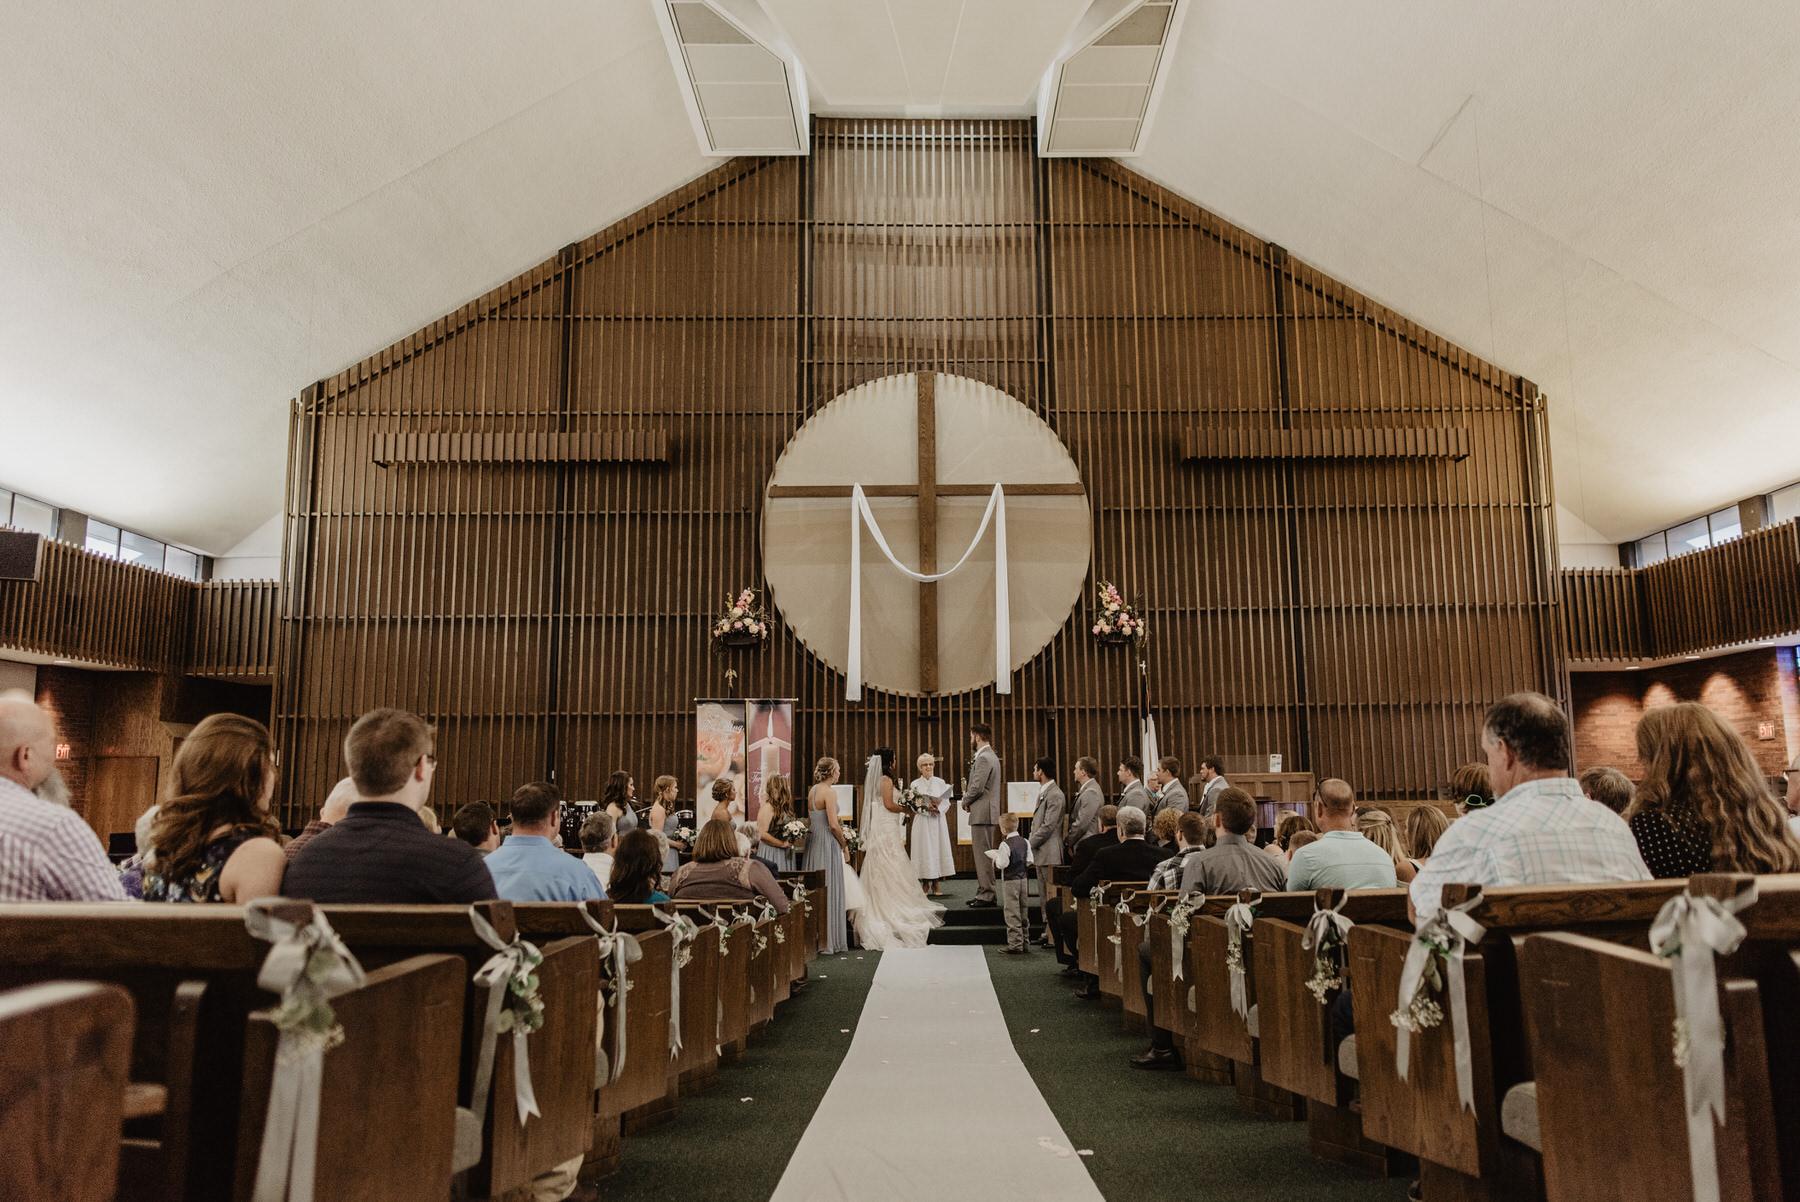 Kaylie-Sirek-Photography-Kearney-Nebraska-Wedding-051.jpg